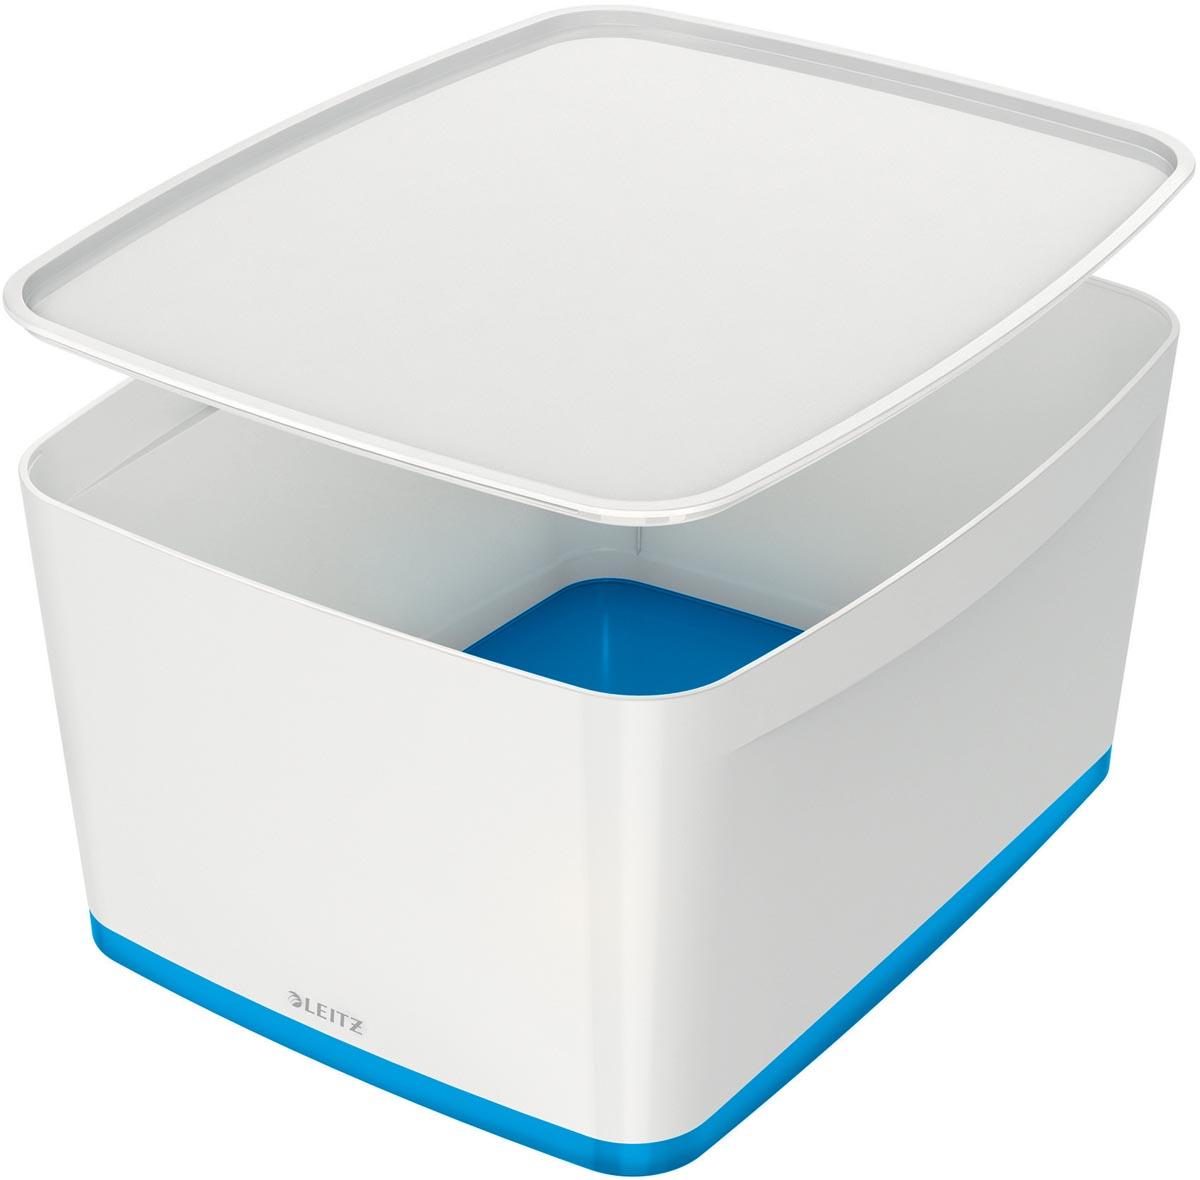 Leitz MyBox opbergdoos met deksel, groot formaat, blauw